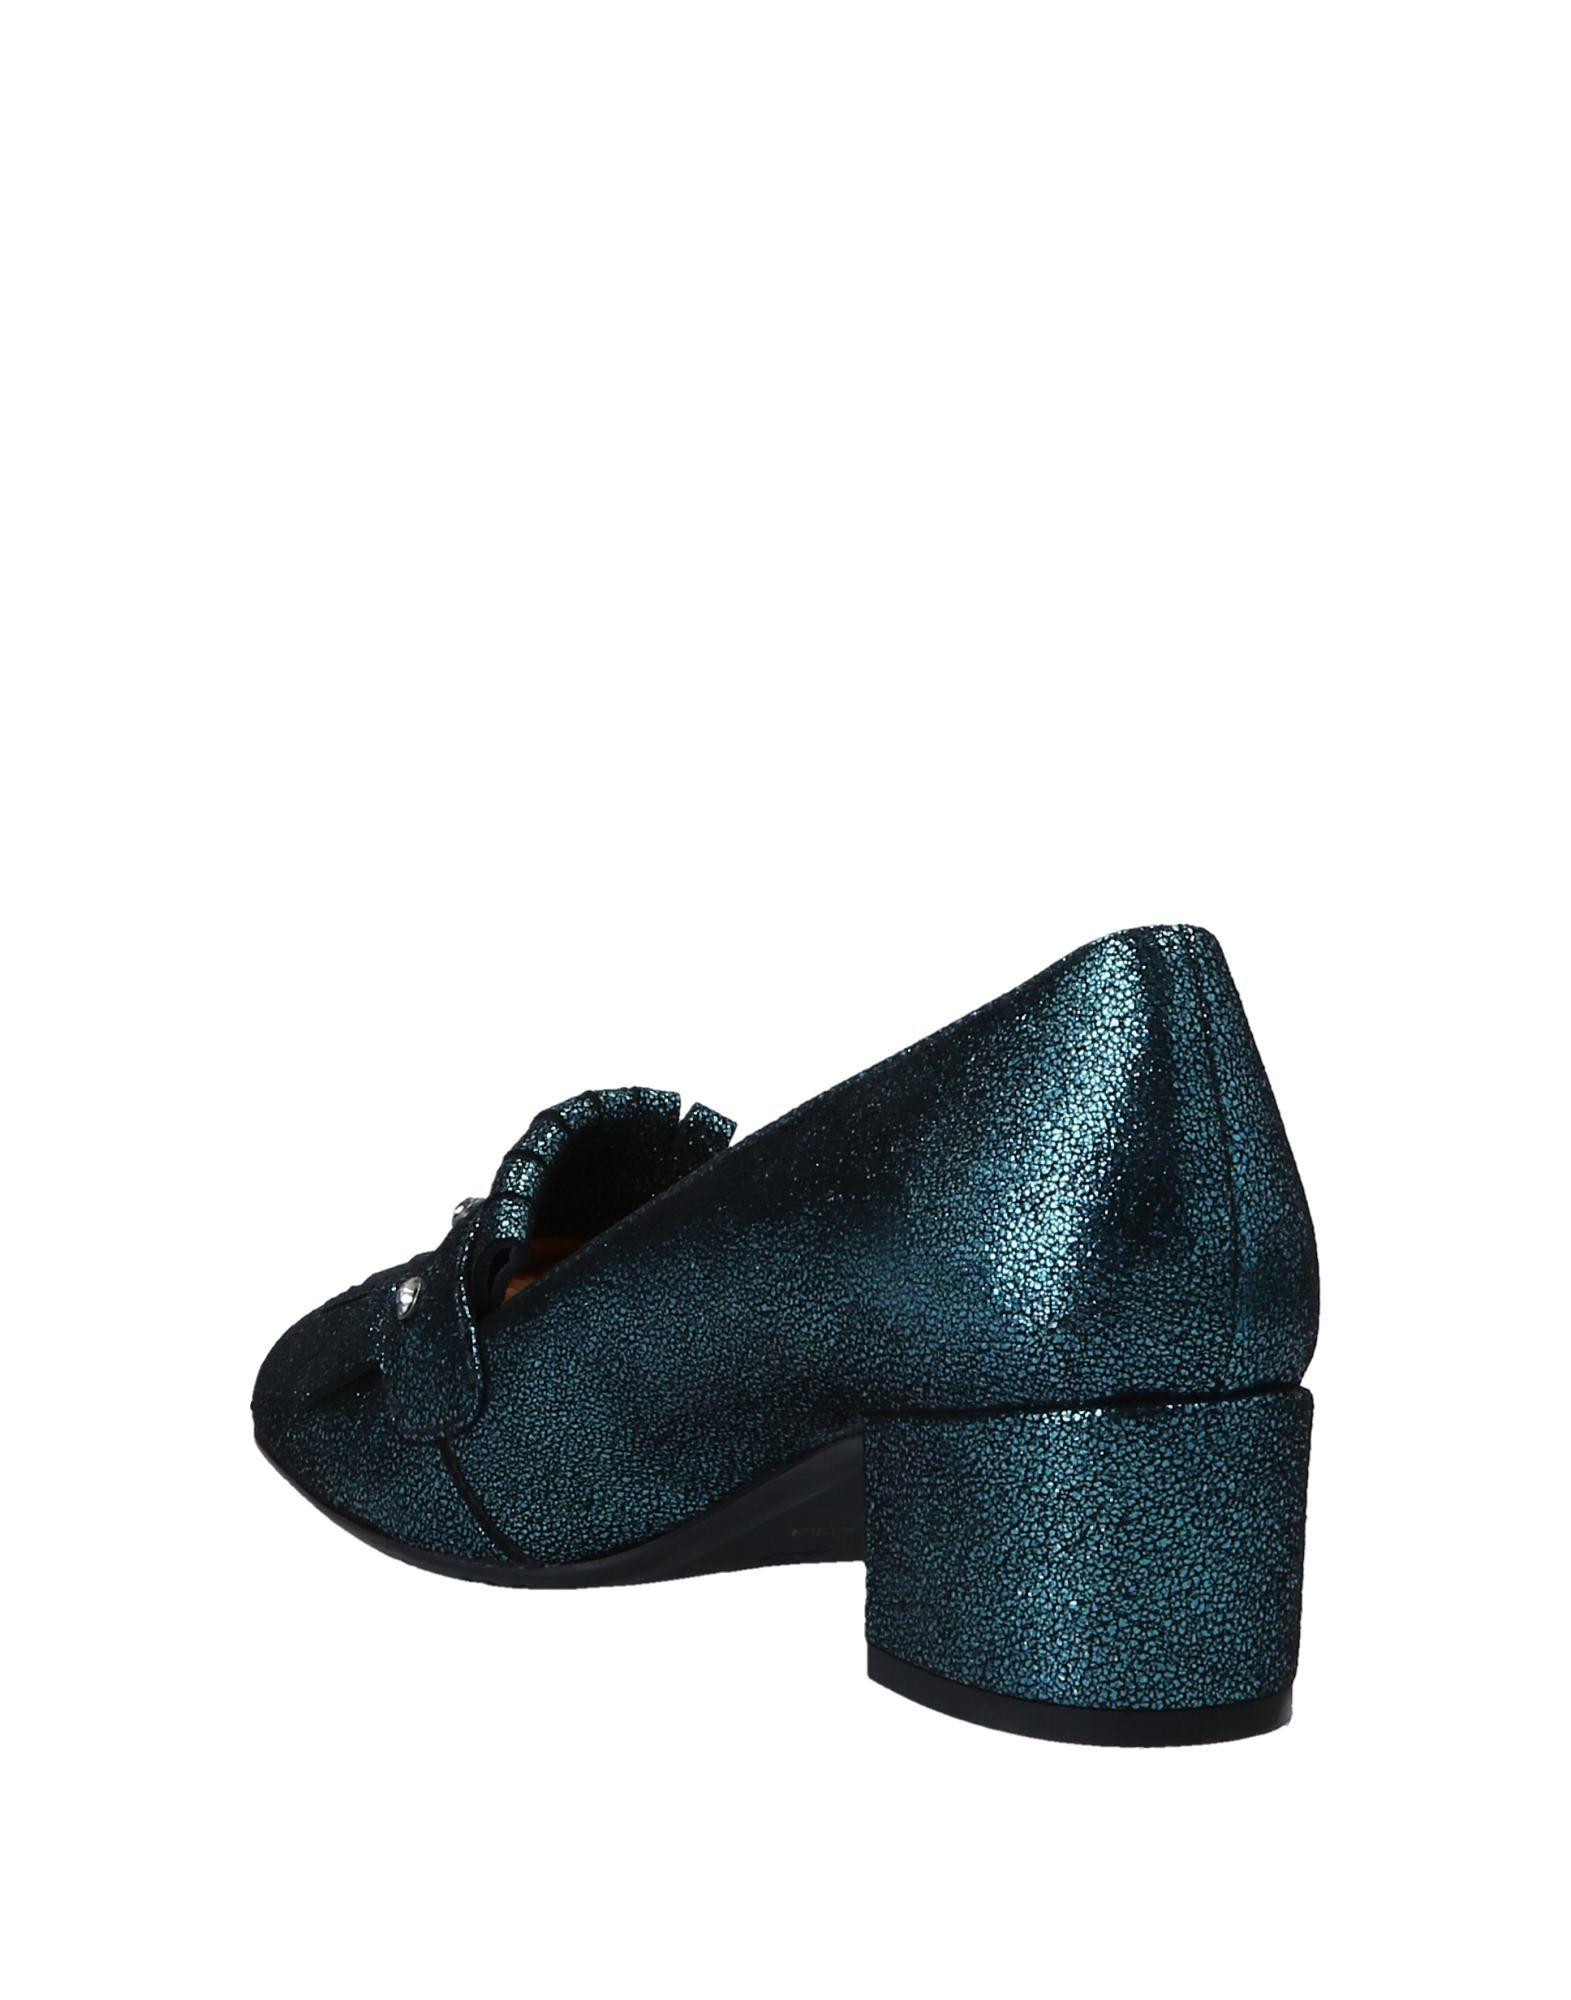 Tiffi Mokassins Damen  11548252GW Gute Qualität beliebte Schuhe